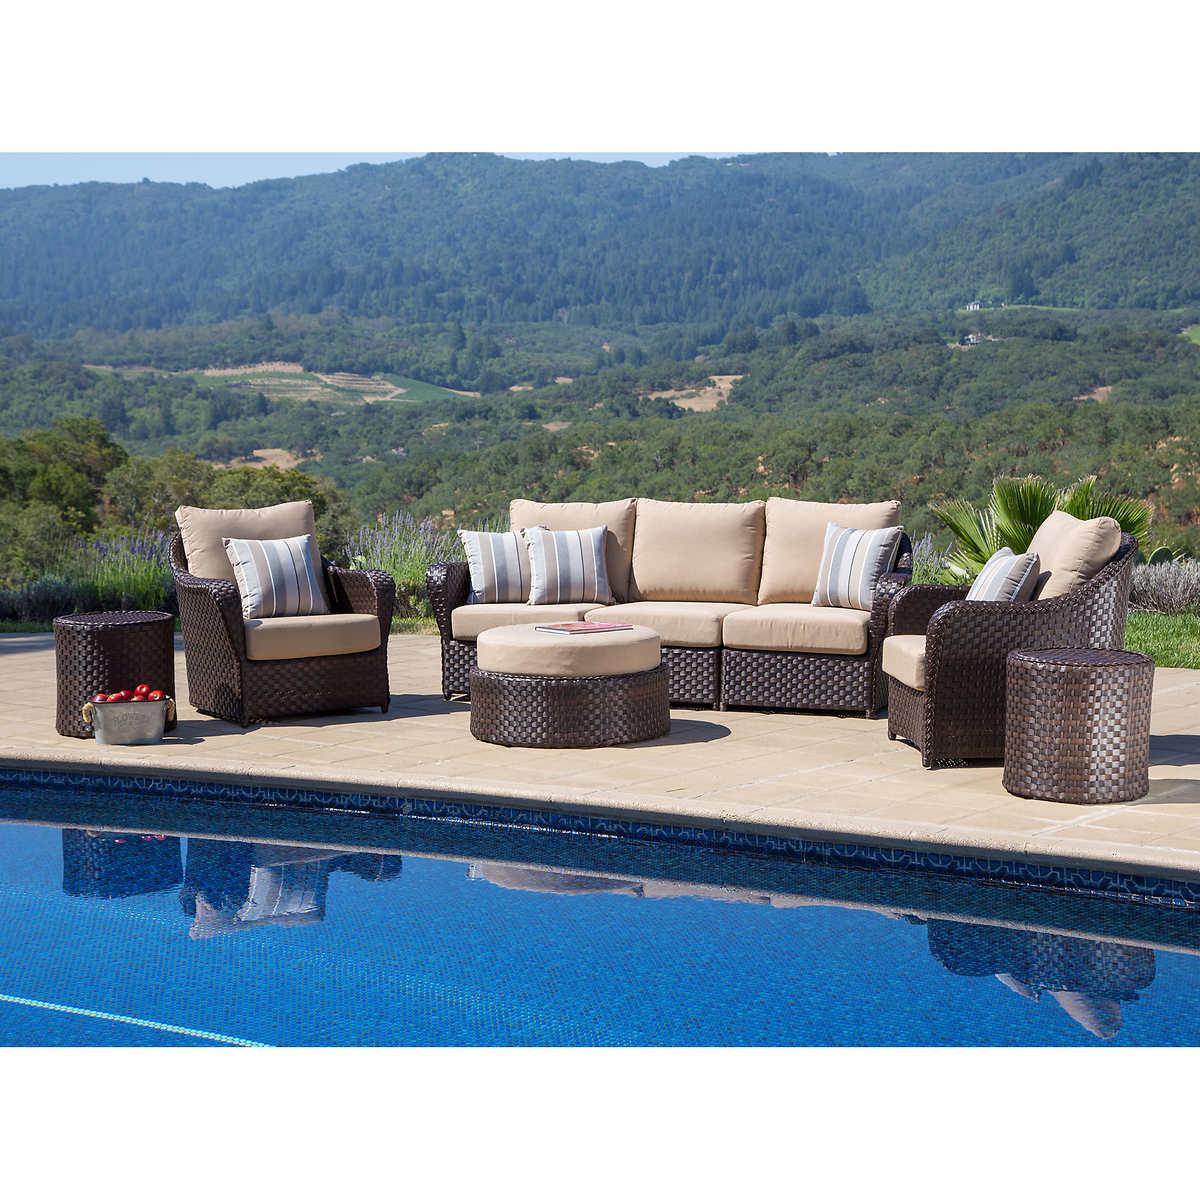 San Marino 8-piece Seating Set by Sirio - Seating Sets